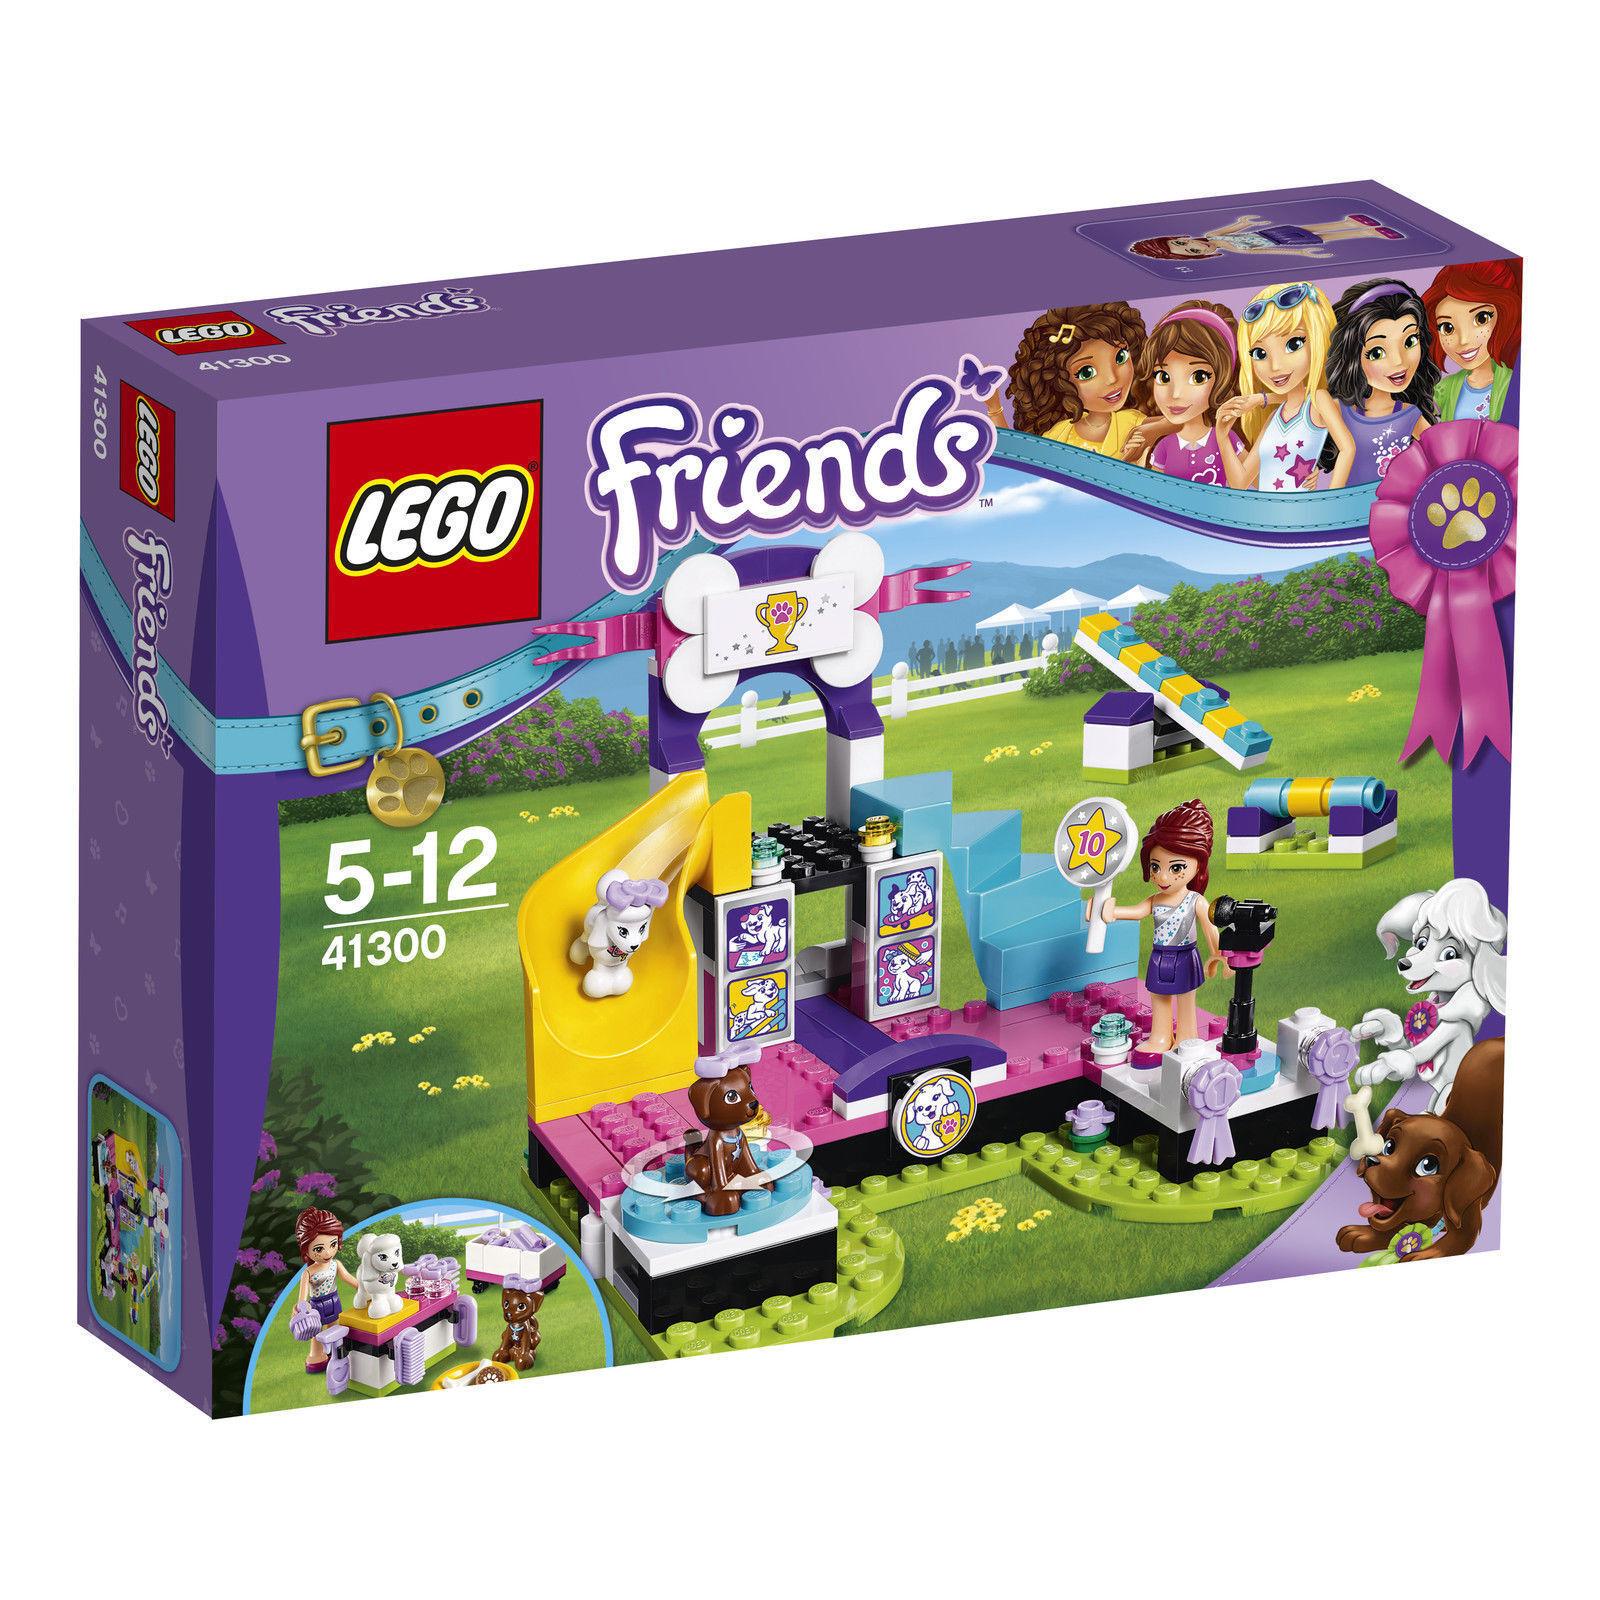 Lego friends 41300 - welpen meisterschaft - 41300 nuovo   konf. orig. 1a1a6f